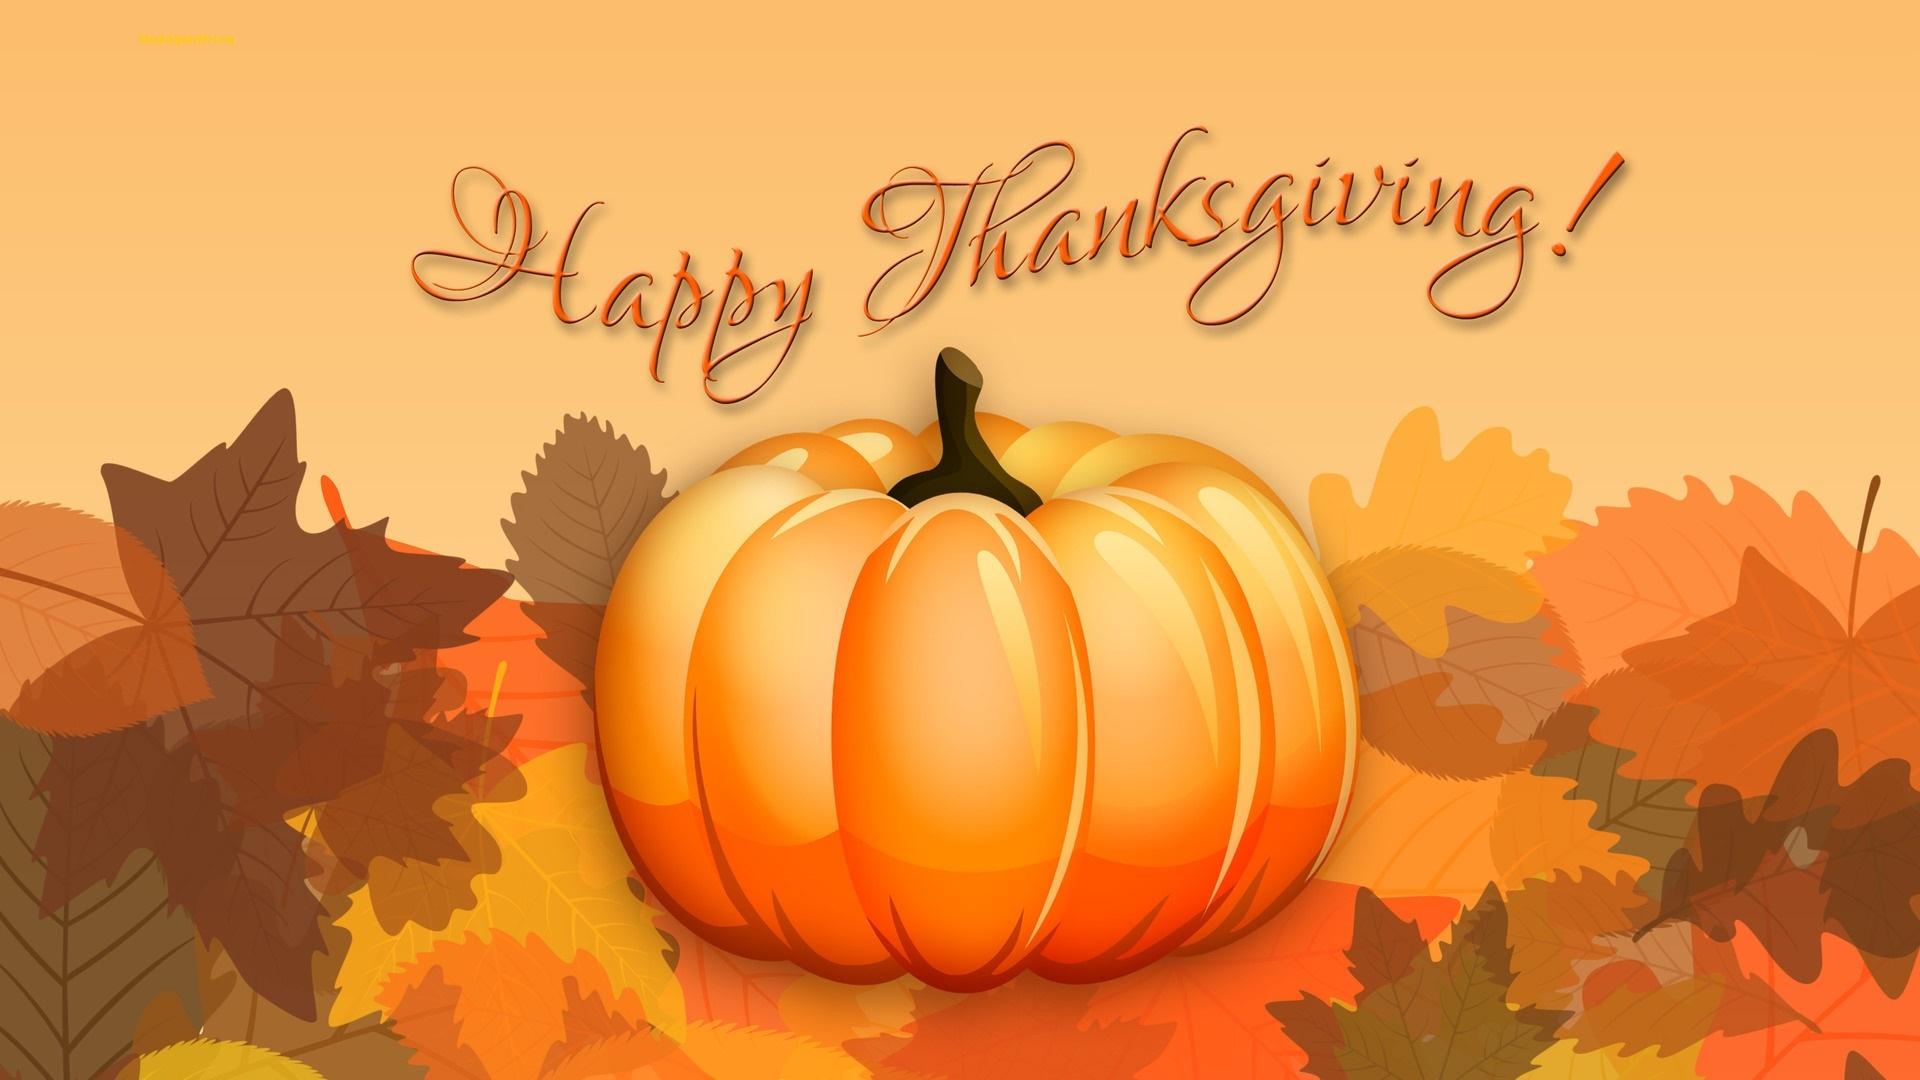 Thanksgiving hd wallpapers 1920x1200 wallpapersafari - Wallpaper desktop thanksgiving ...